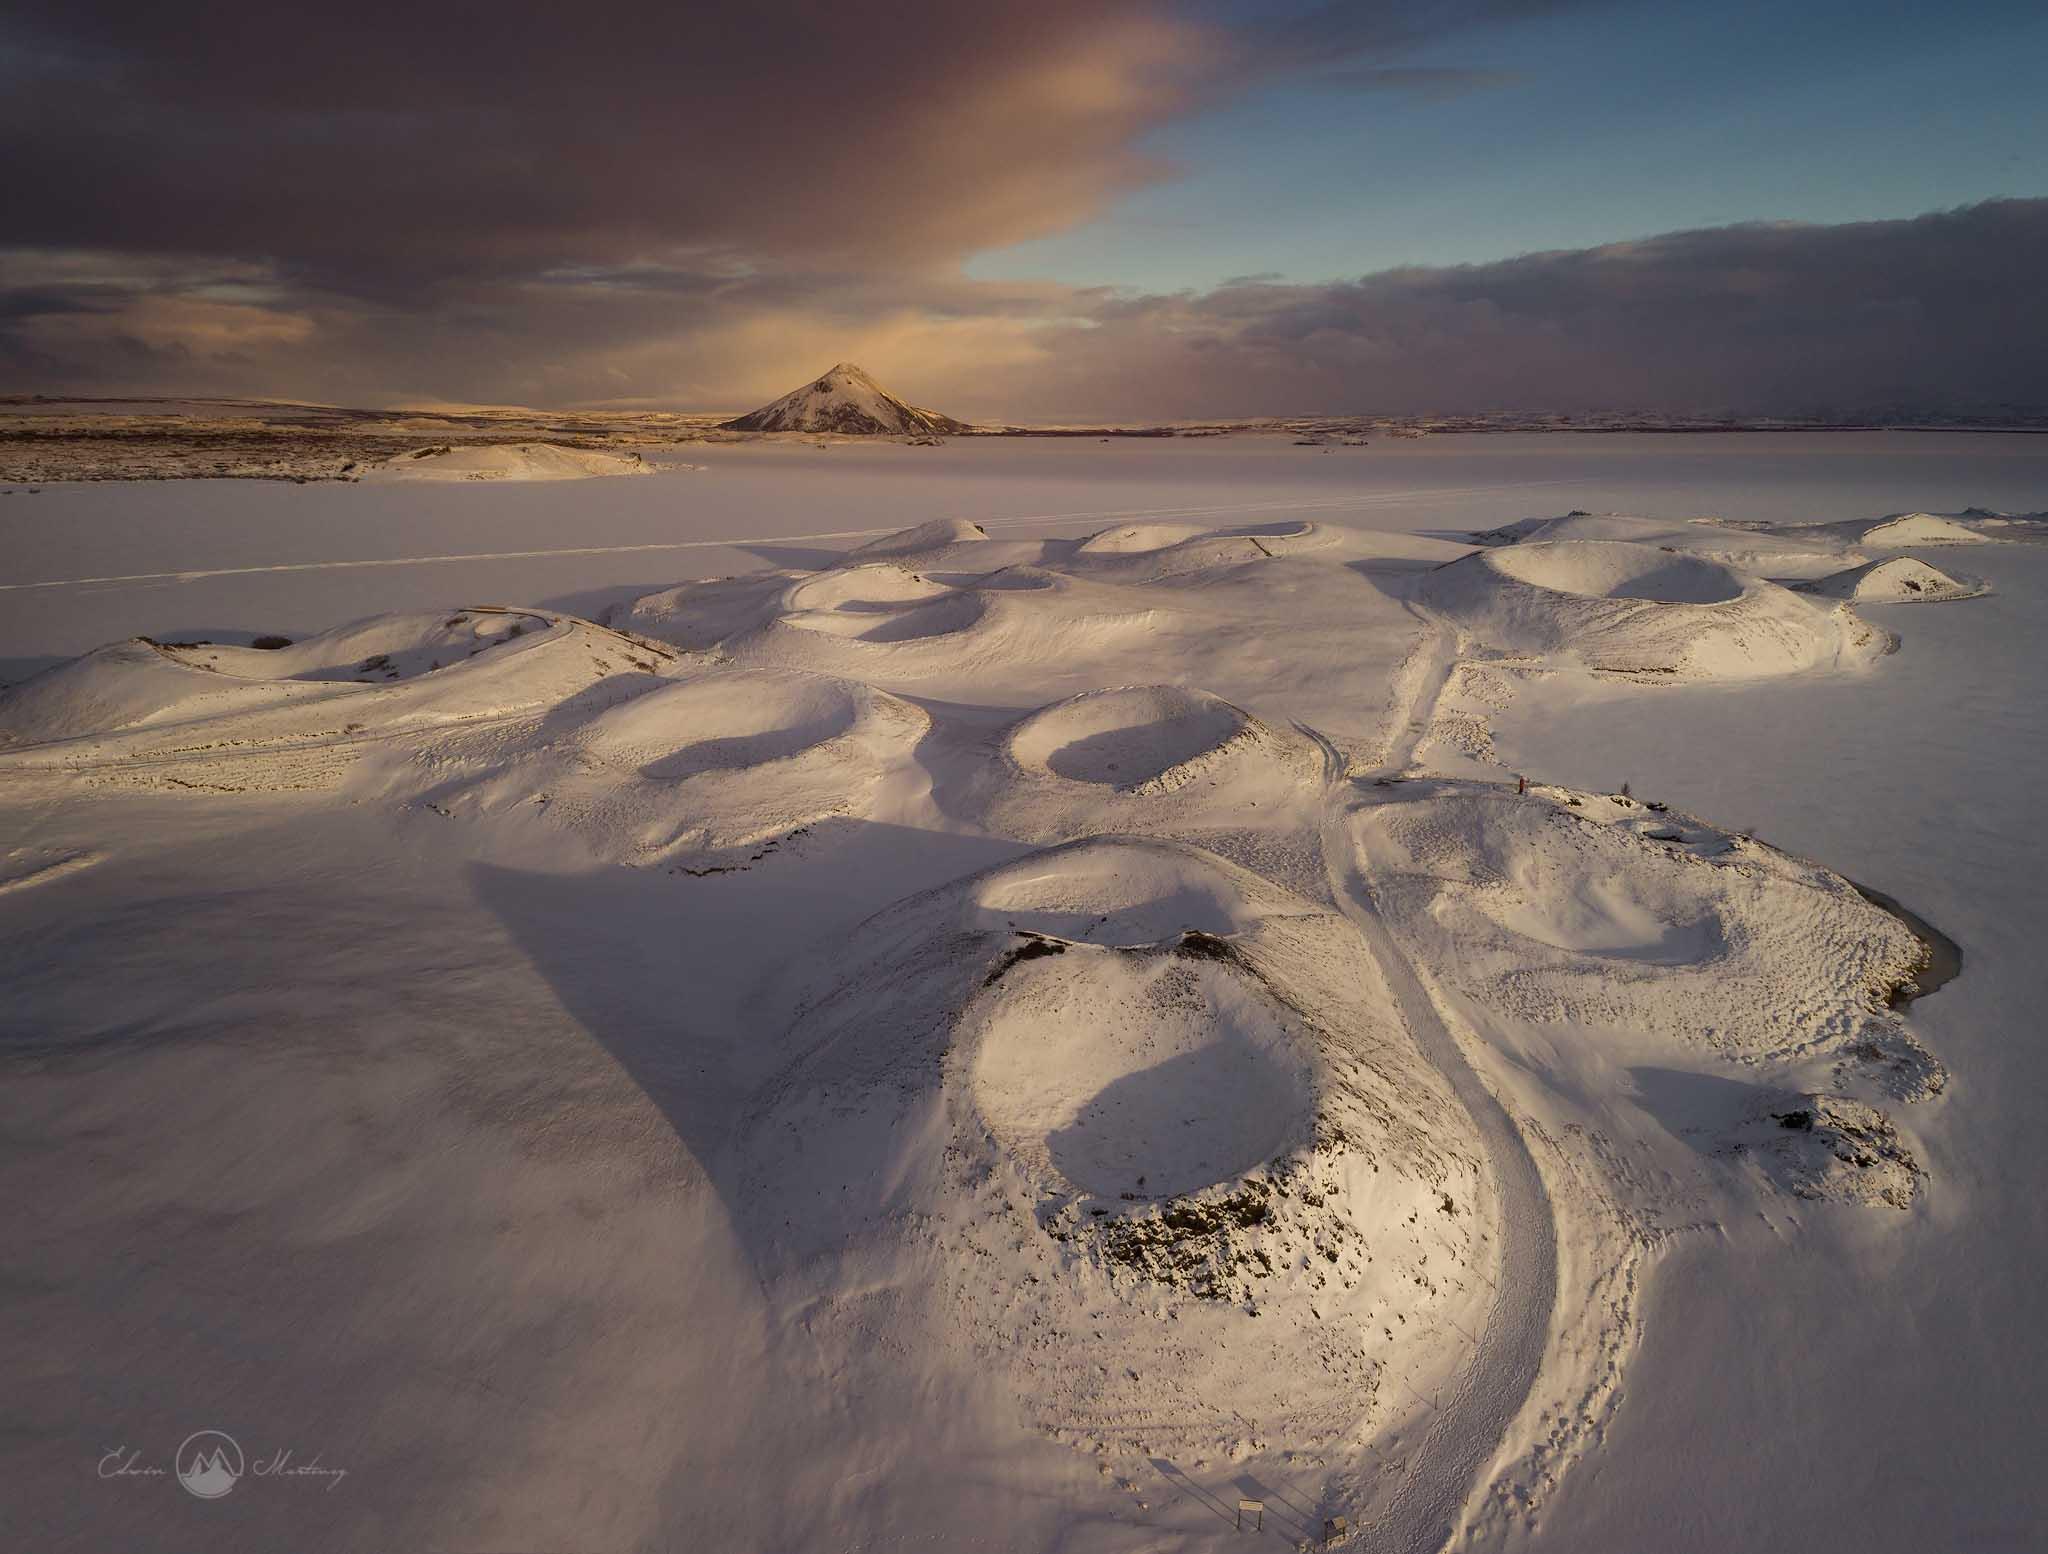 冰岛冬季8天7夜套餐|环岛+蓝湖+北极光